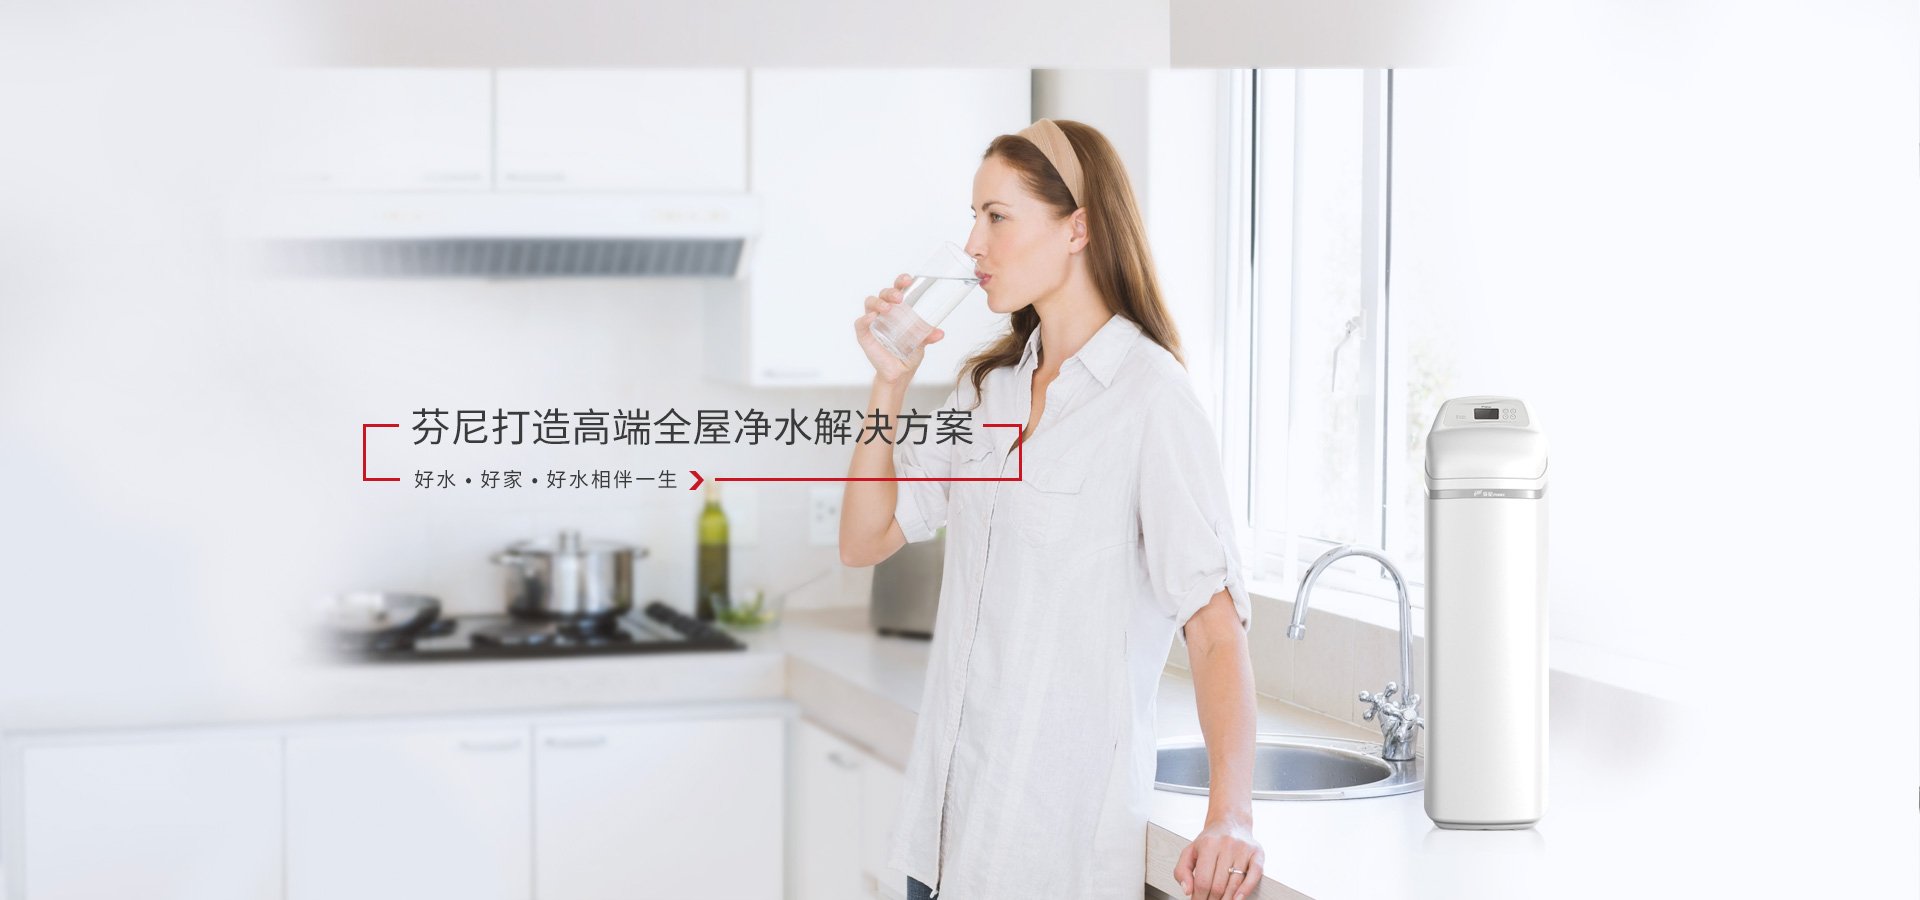 ysb288易胜博官网空气能热水器_中央净水软水净水器